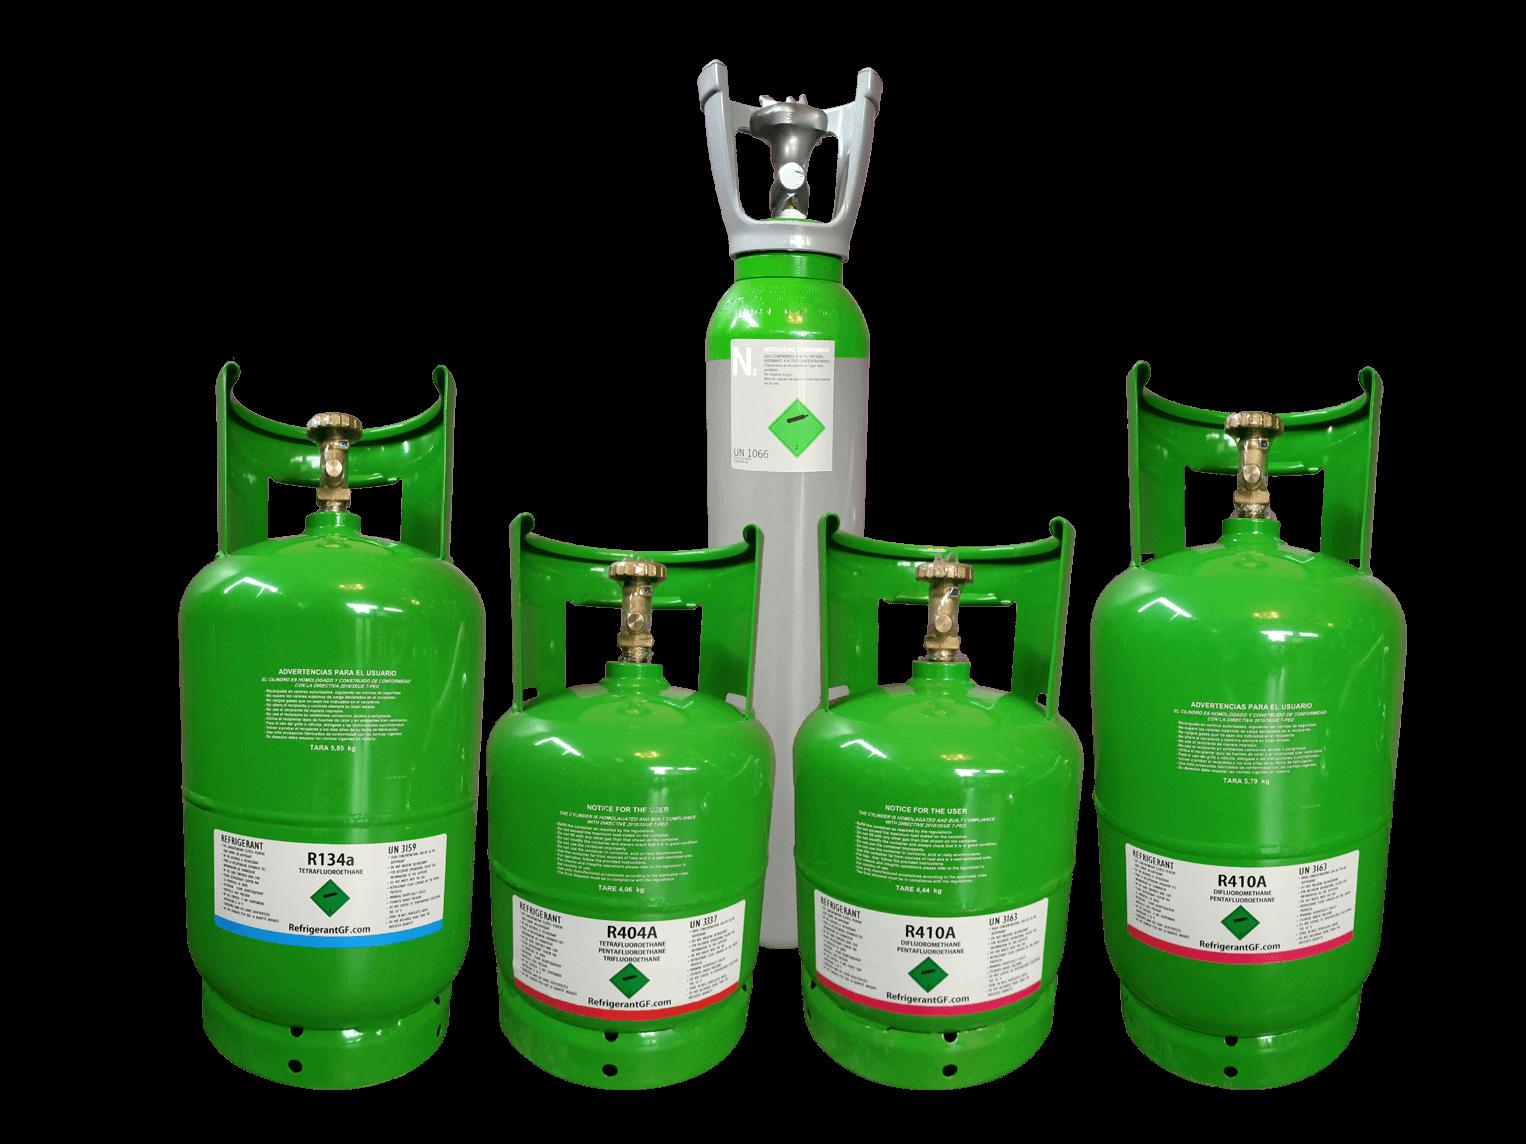 gas refrigerante italia comprar online